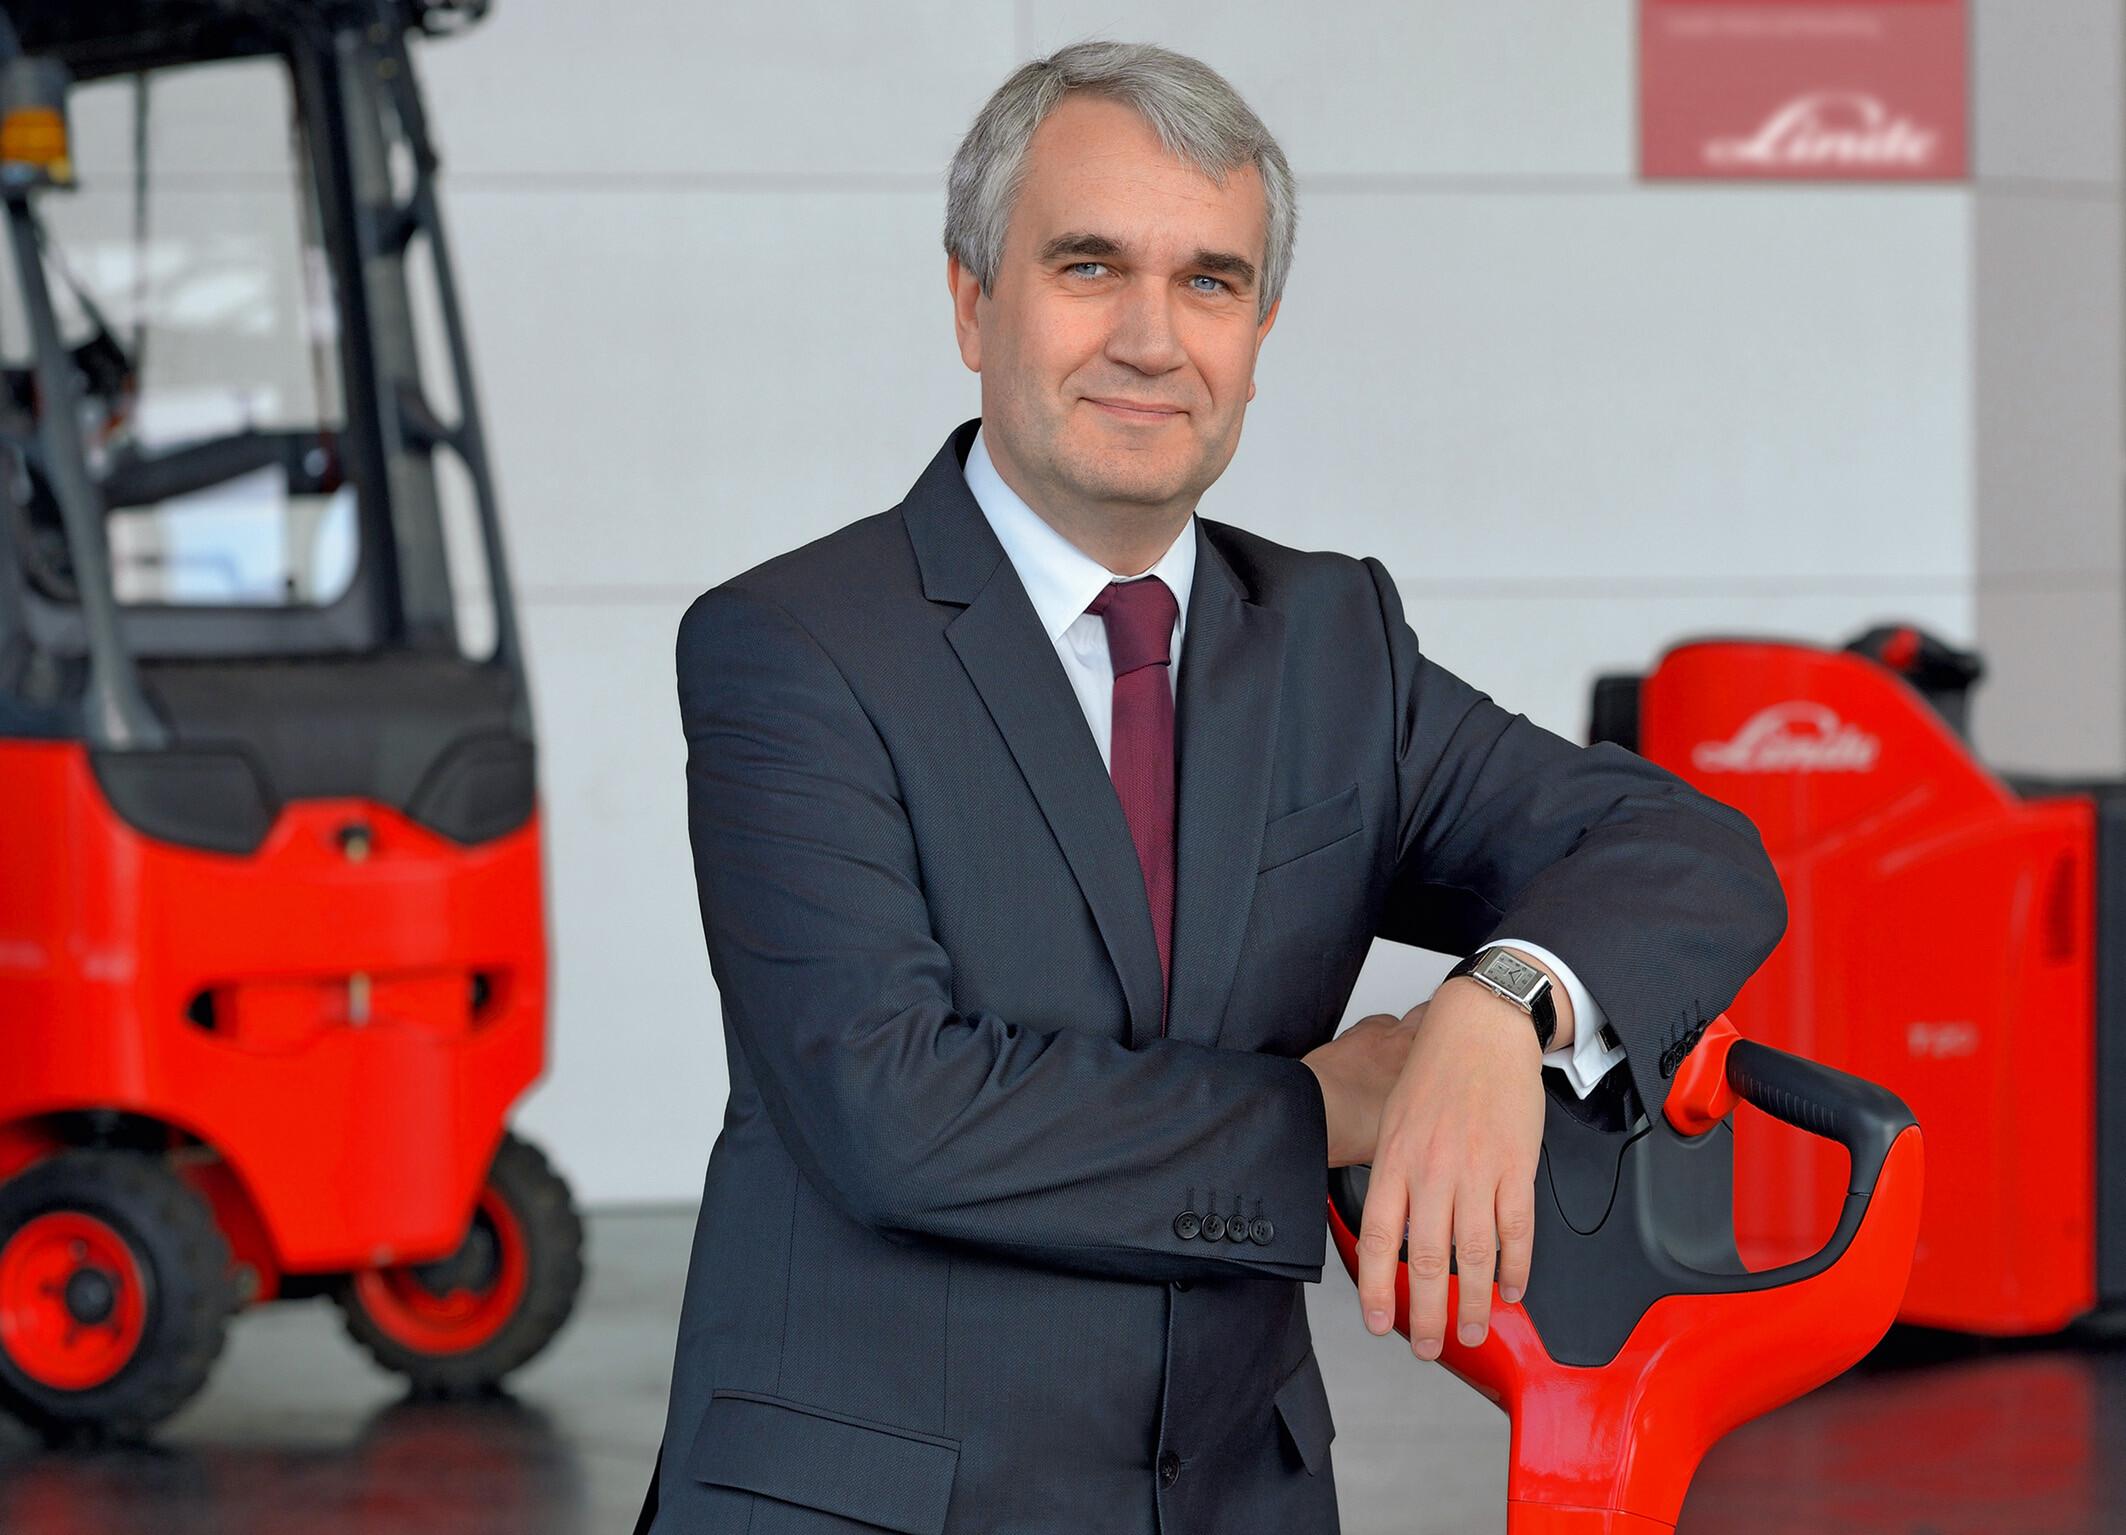 Christophe Lautray, presidente da Federação Europeia de Equipamentos de Gestão de Materiais e de Armazenamento (FEM) e membro da administração (CSO) da Linde